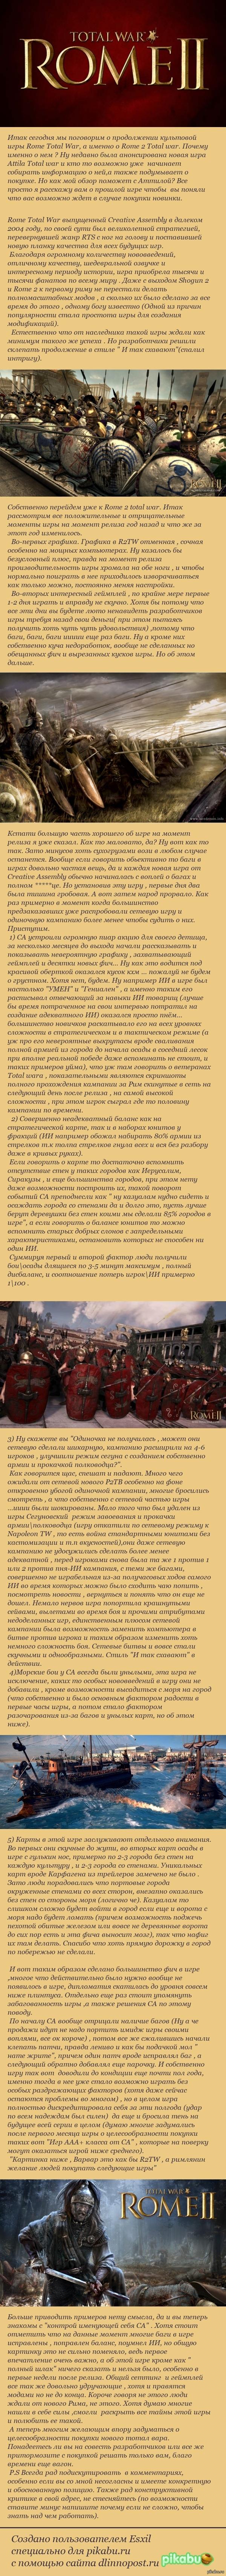 Rome 2 Total war. Запоздалый обзор или предостережение будущим покупателям Attila Total war